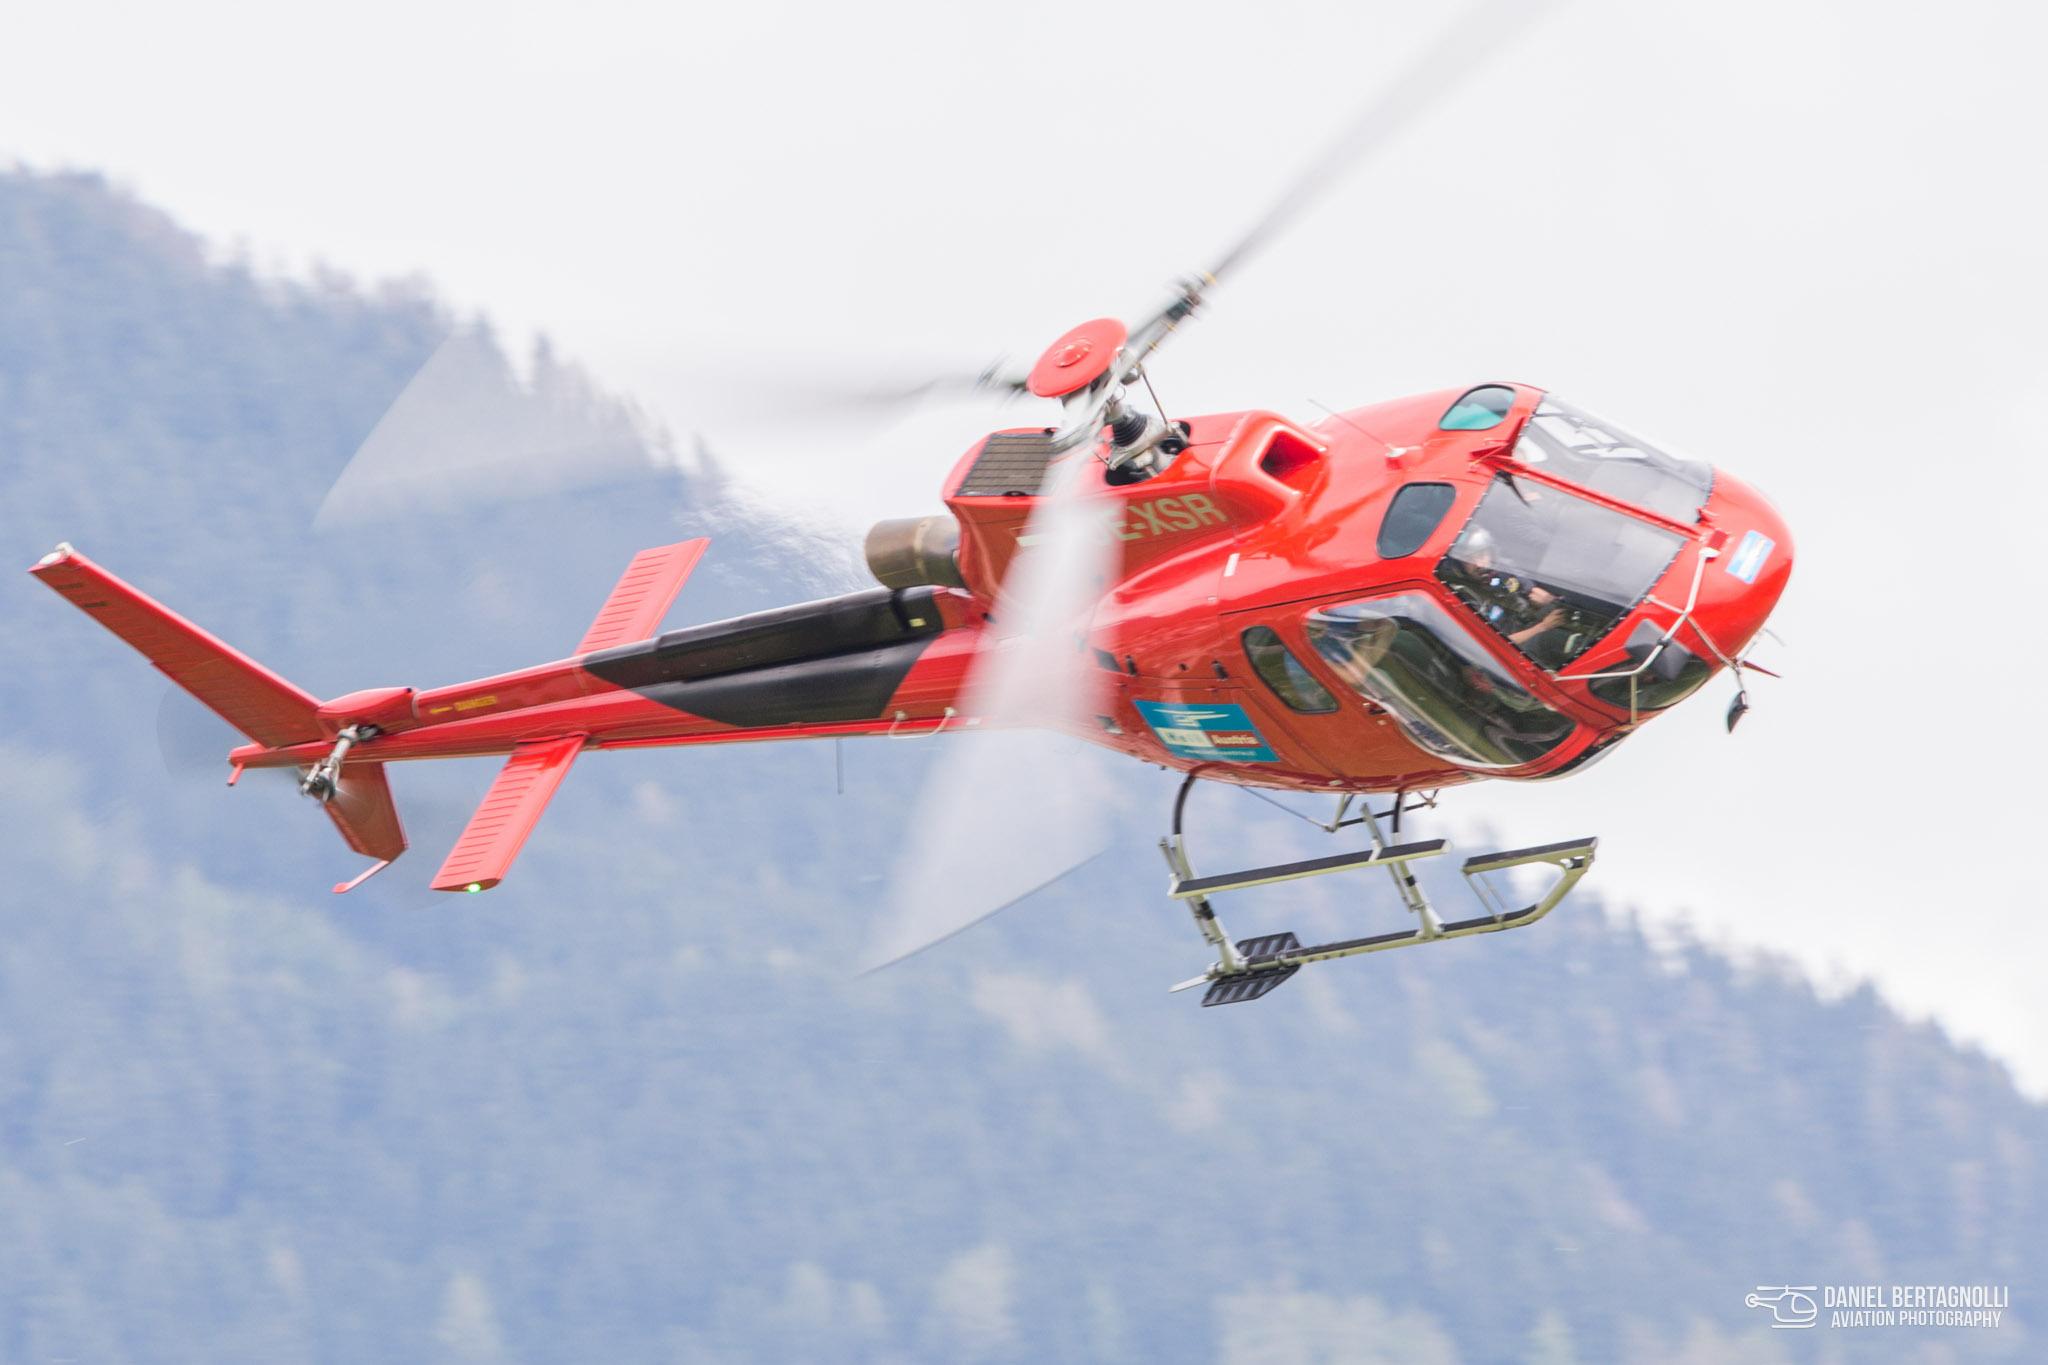 Voli turistici in Alto Adige con Heli Austria